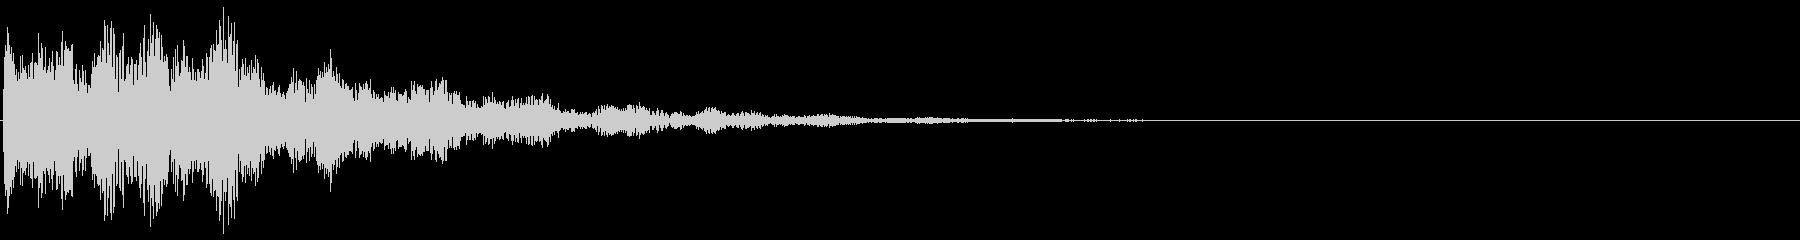 ブリュリュ(ダメージ・チャージ・ミス)の未再生の波形